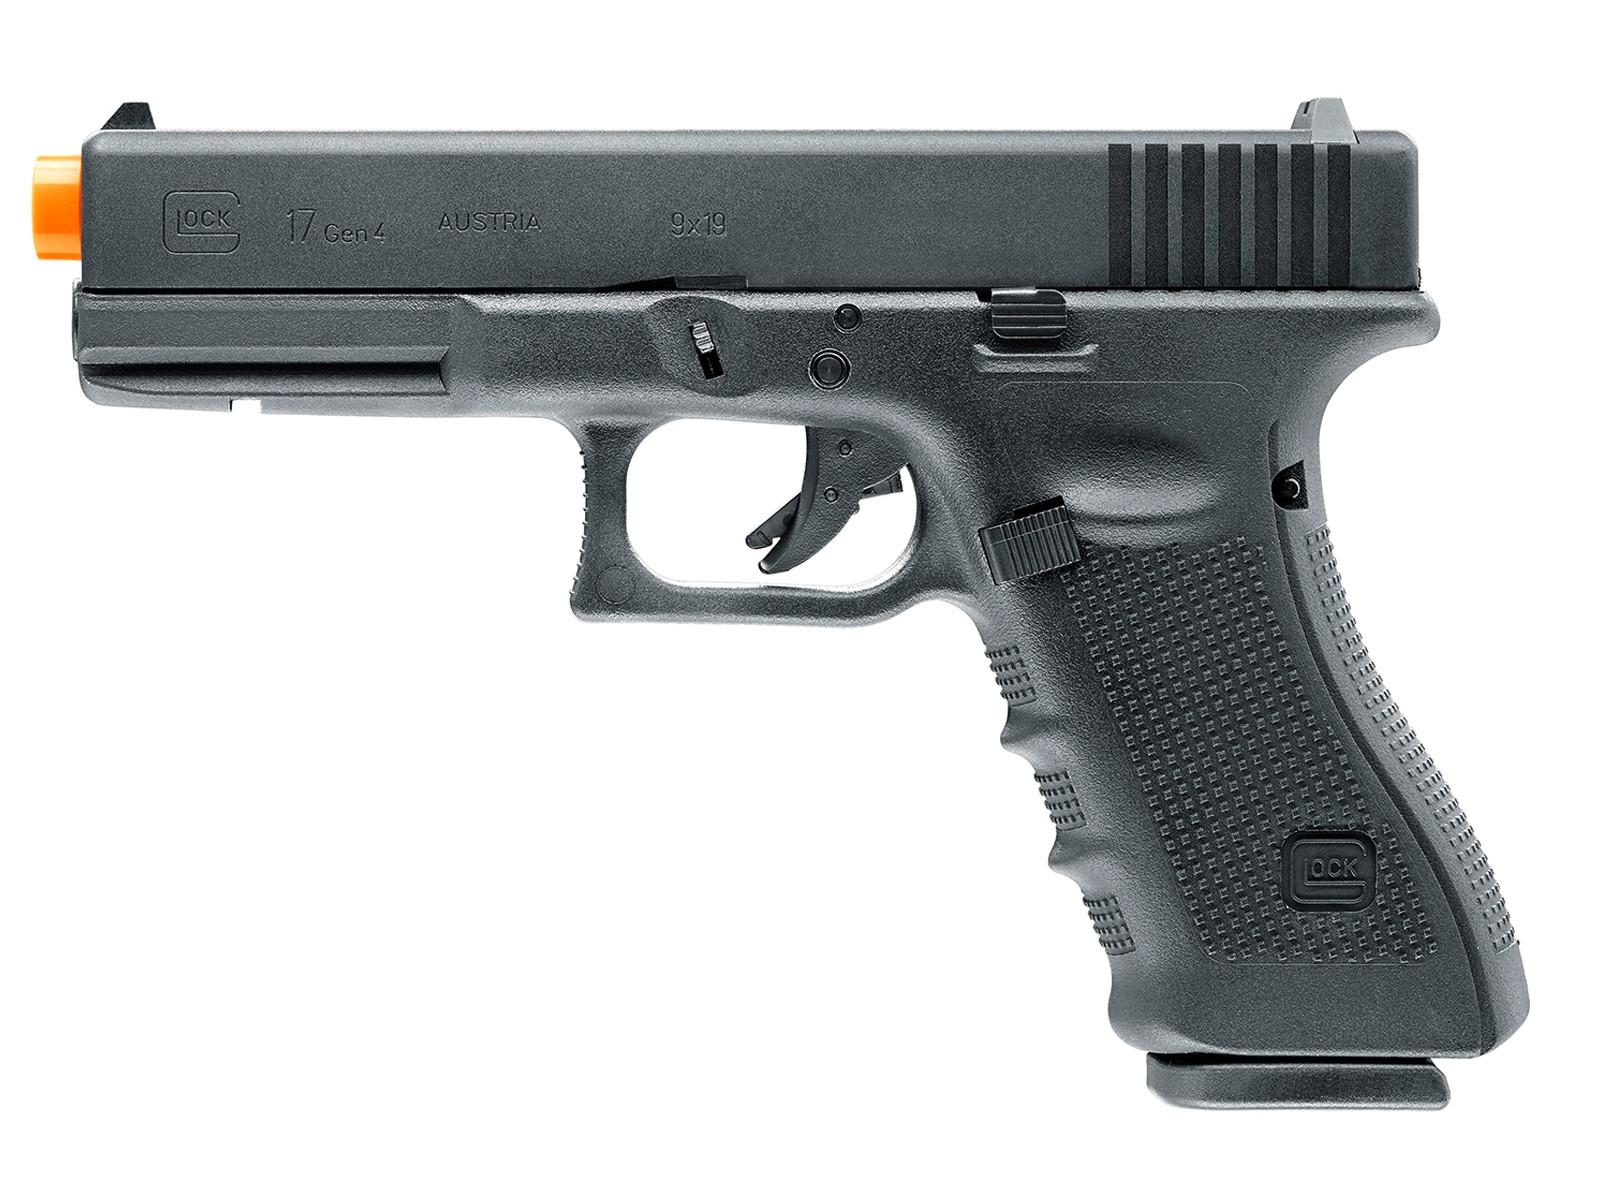 Umarex Elite Force Glock G17 Gen4 GBB Airsoft Pistol